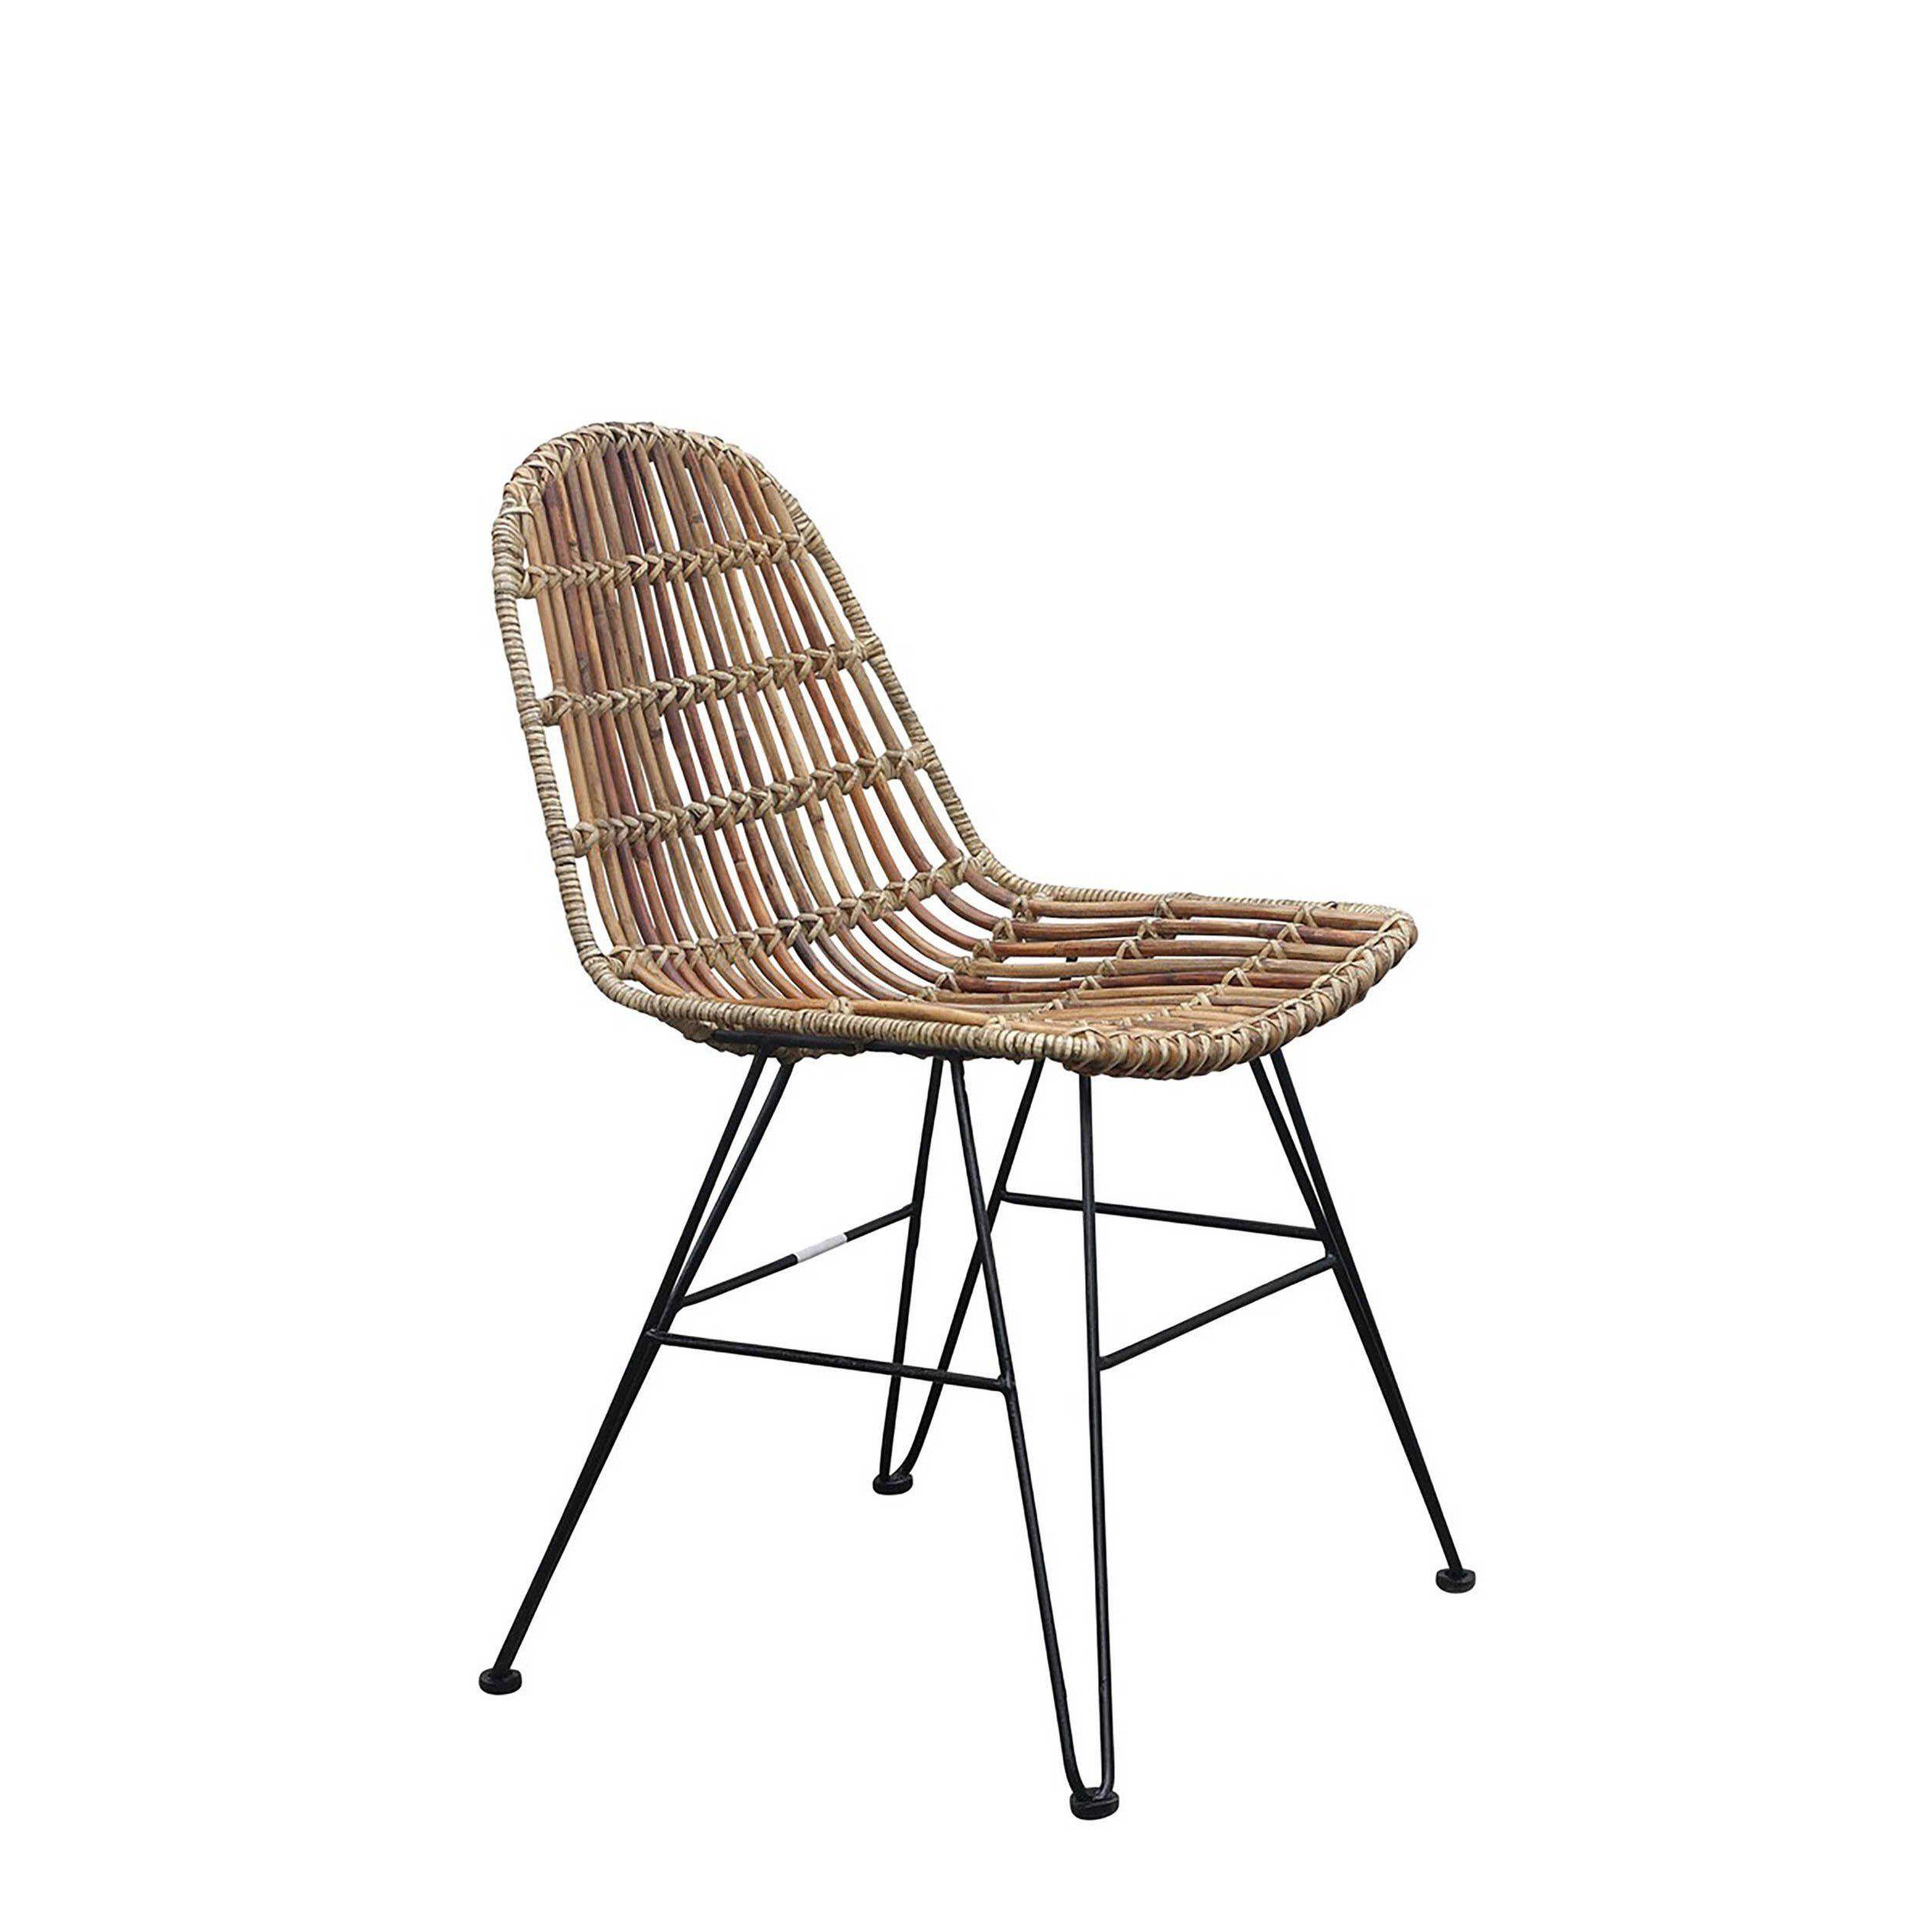 Sit Stuhl Vintage Beige Rattan Geflecht Gunstig Bei Segmuller Vintage Stuhle Stuhle Gunstig Stuhle